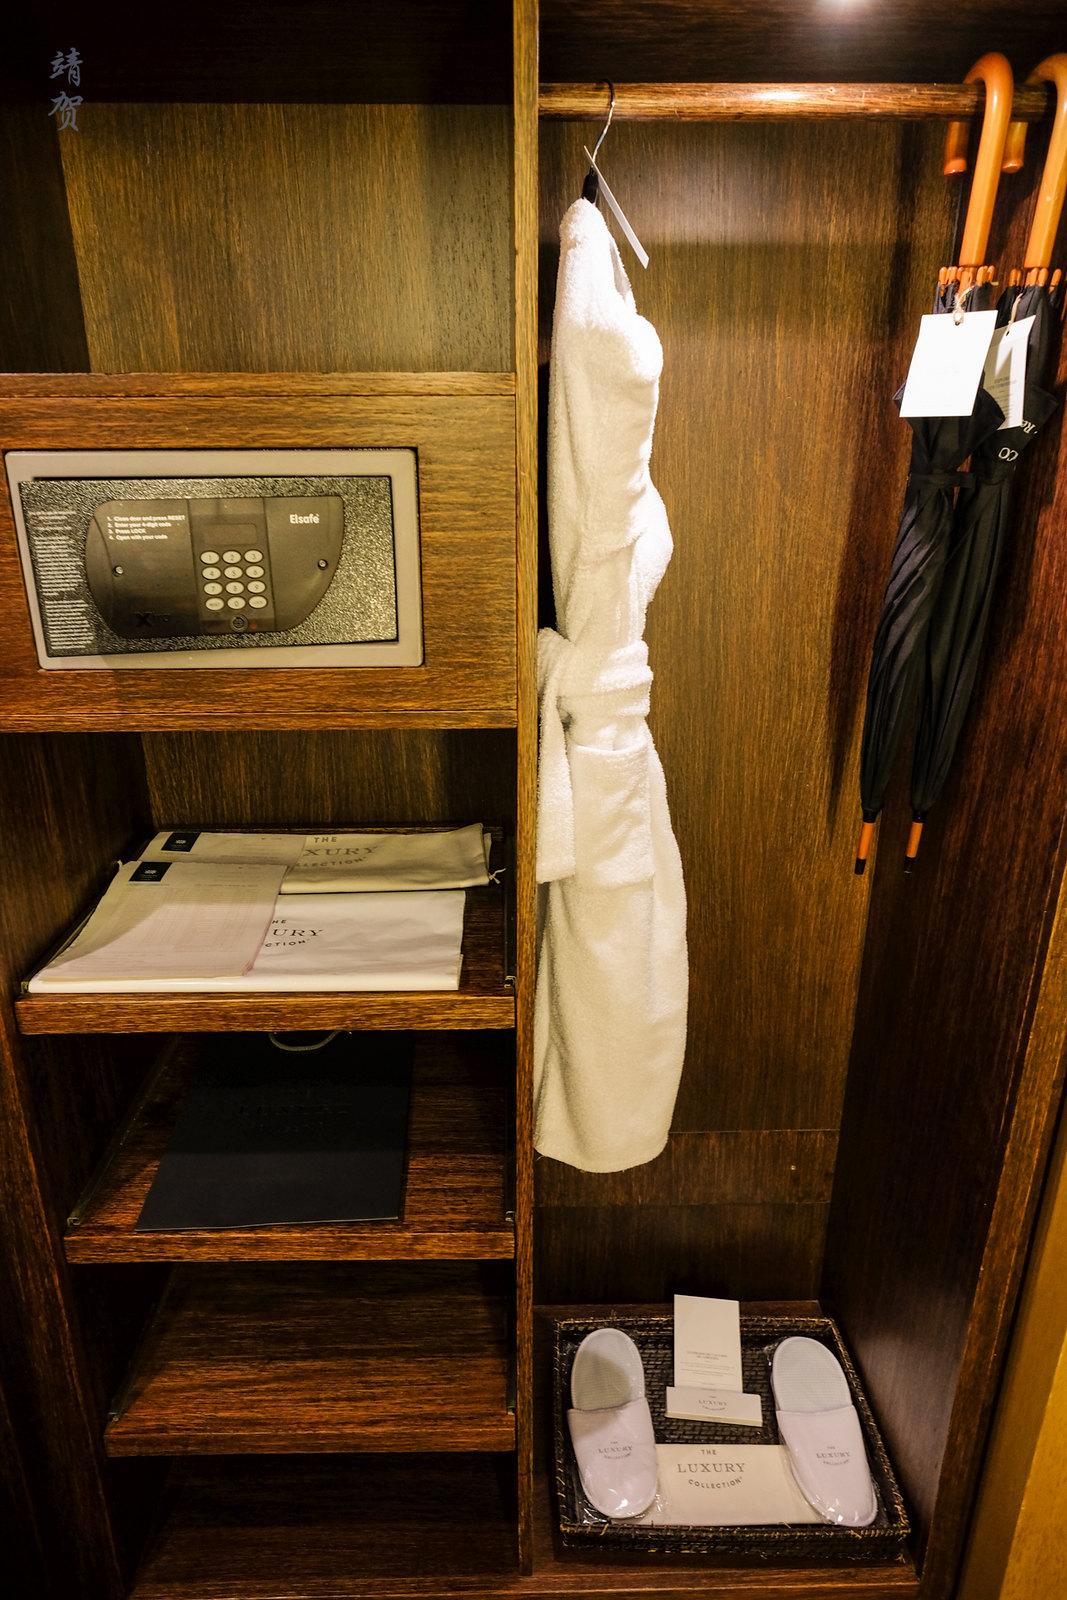 In-closet safe